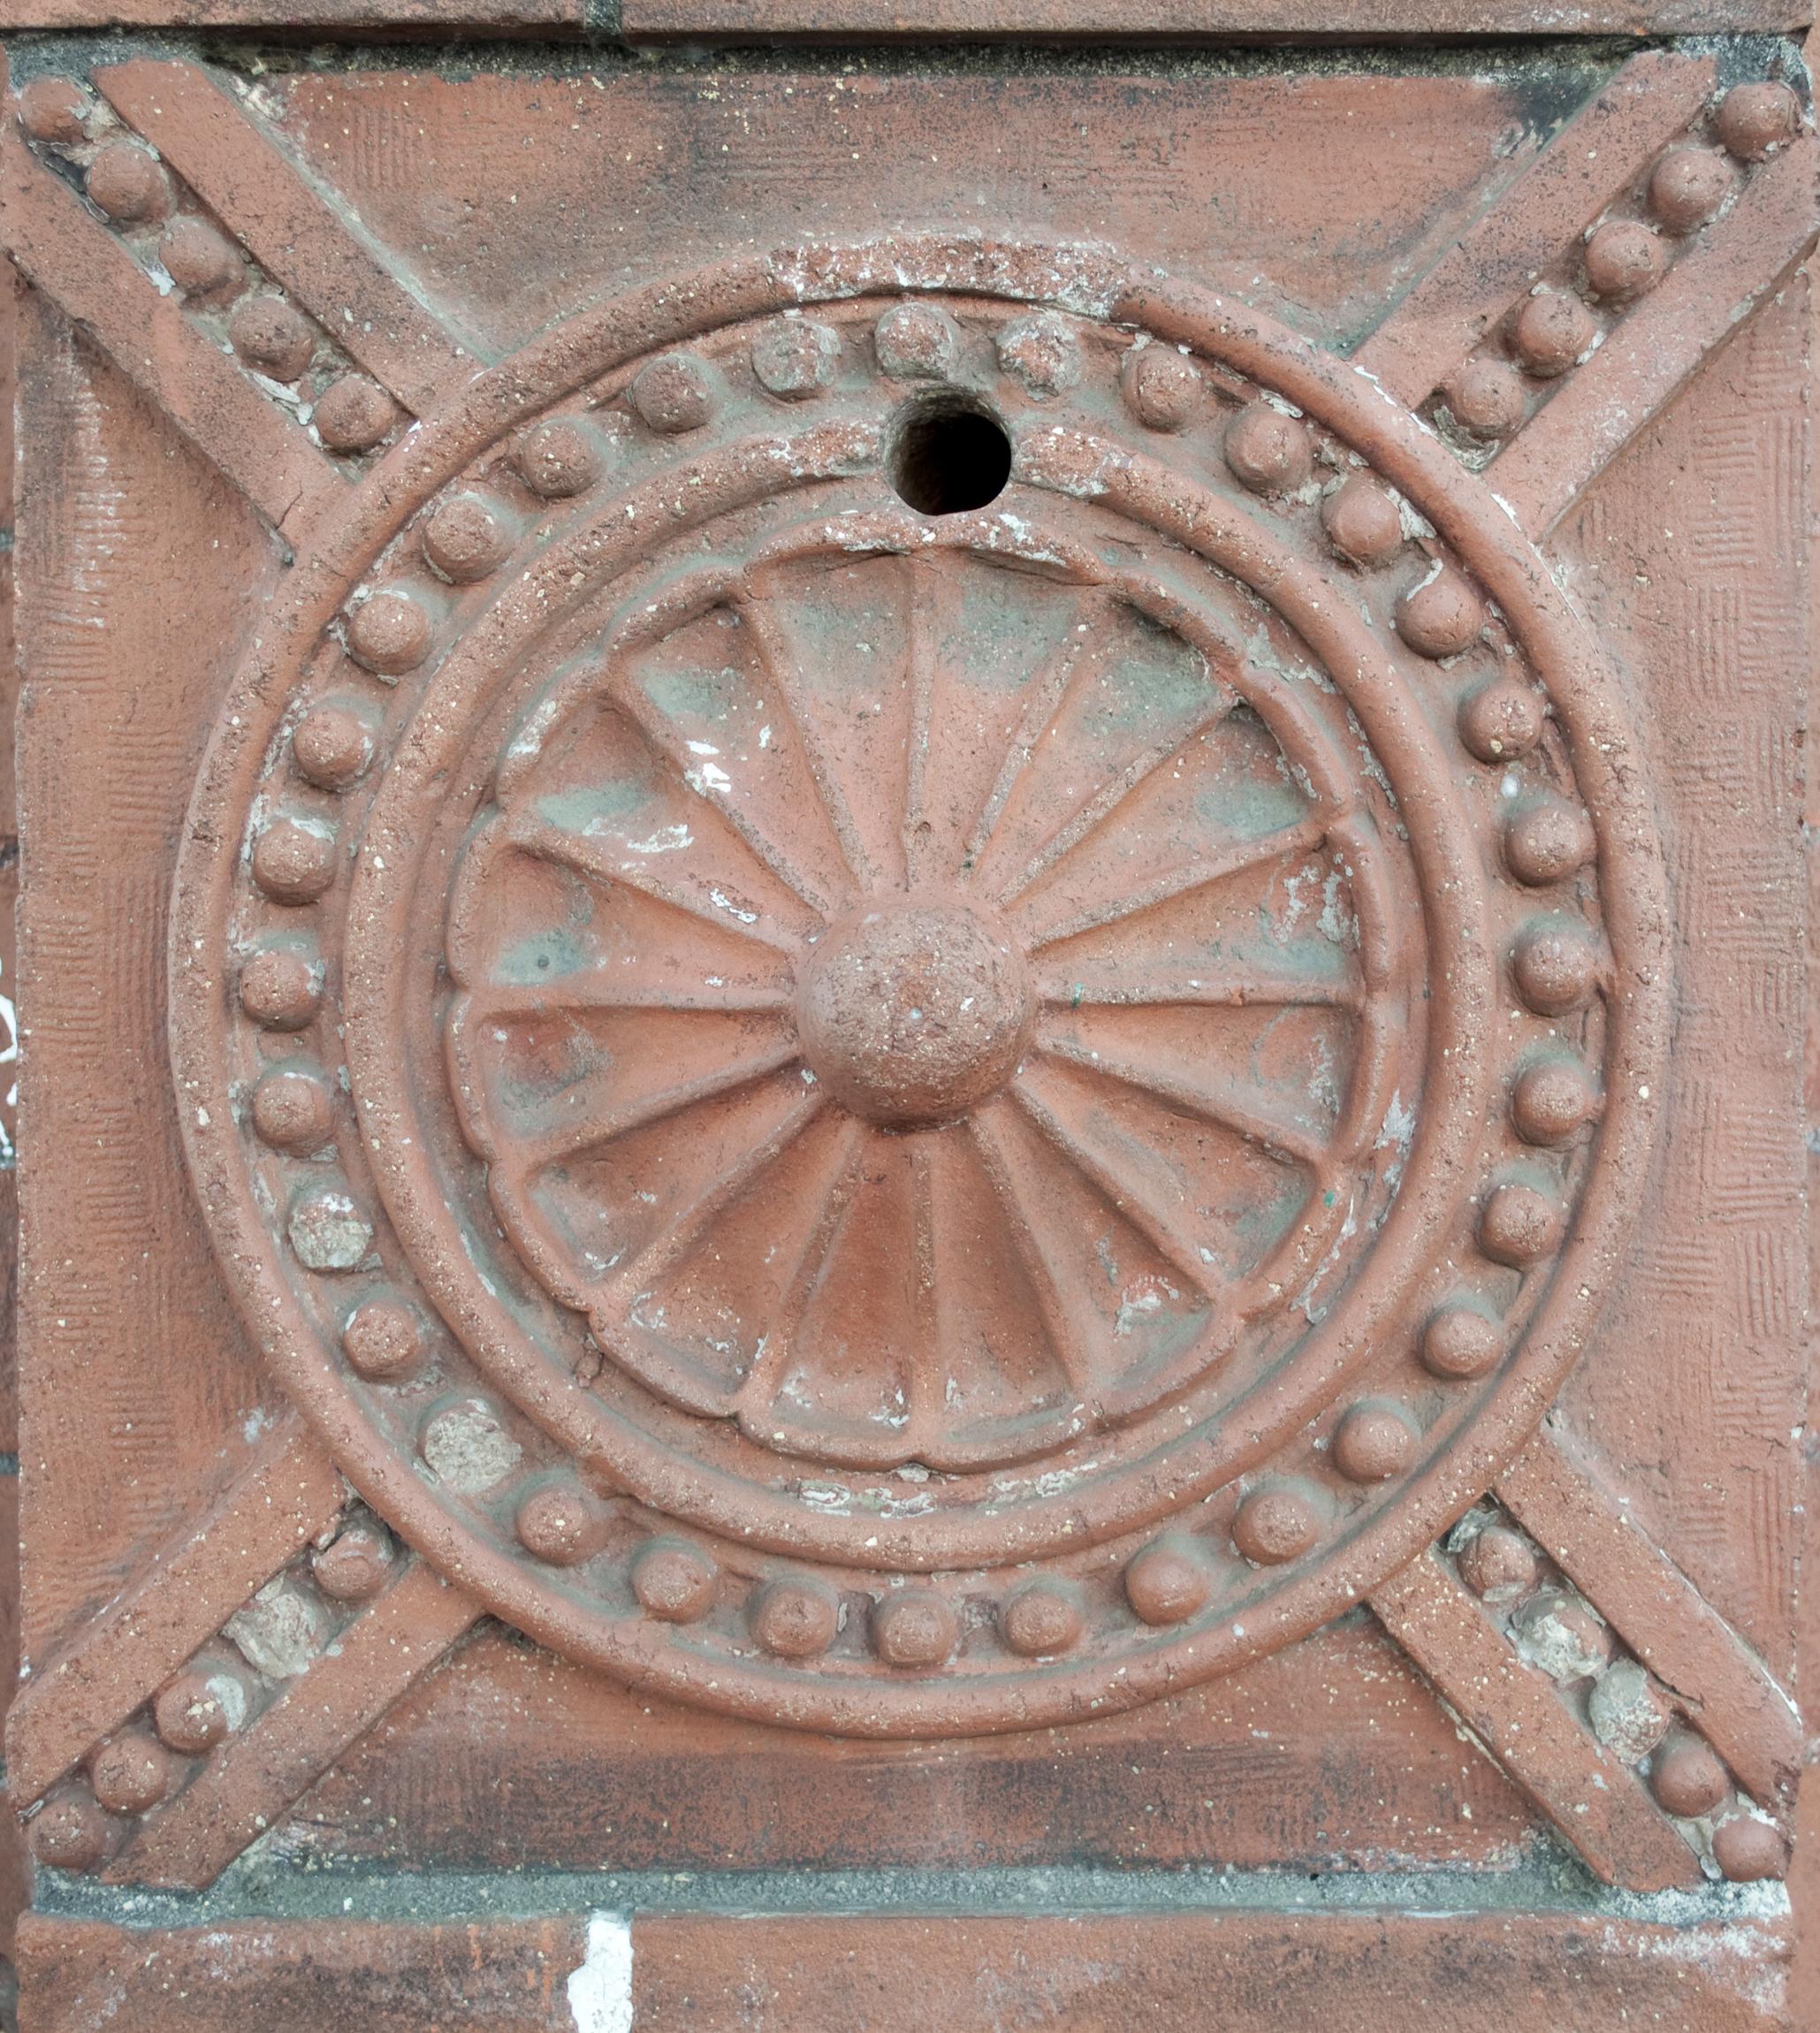 Ornate Brick, Architecture, Brick, Bricks, Cement, HQ Photo